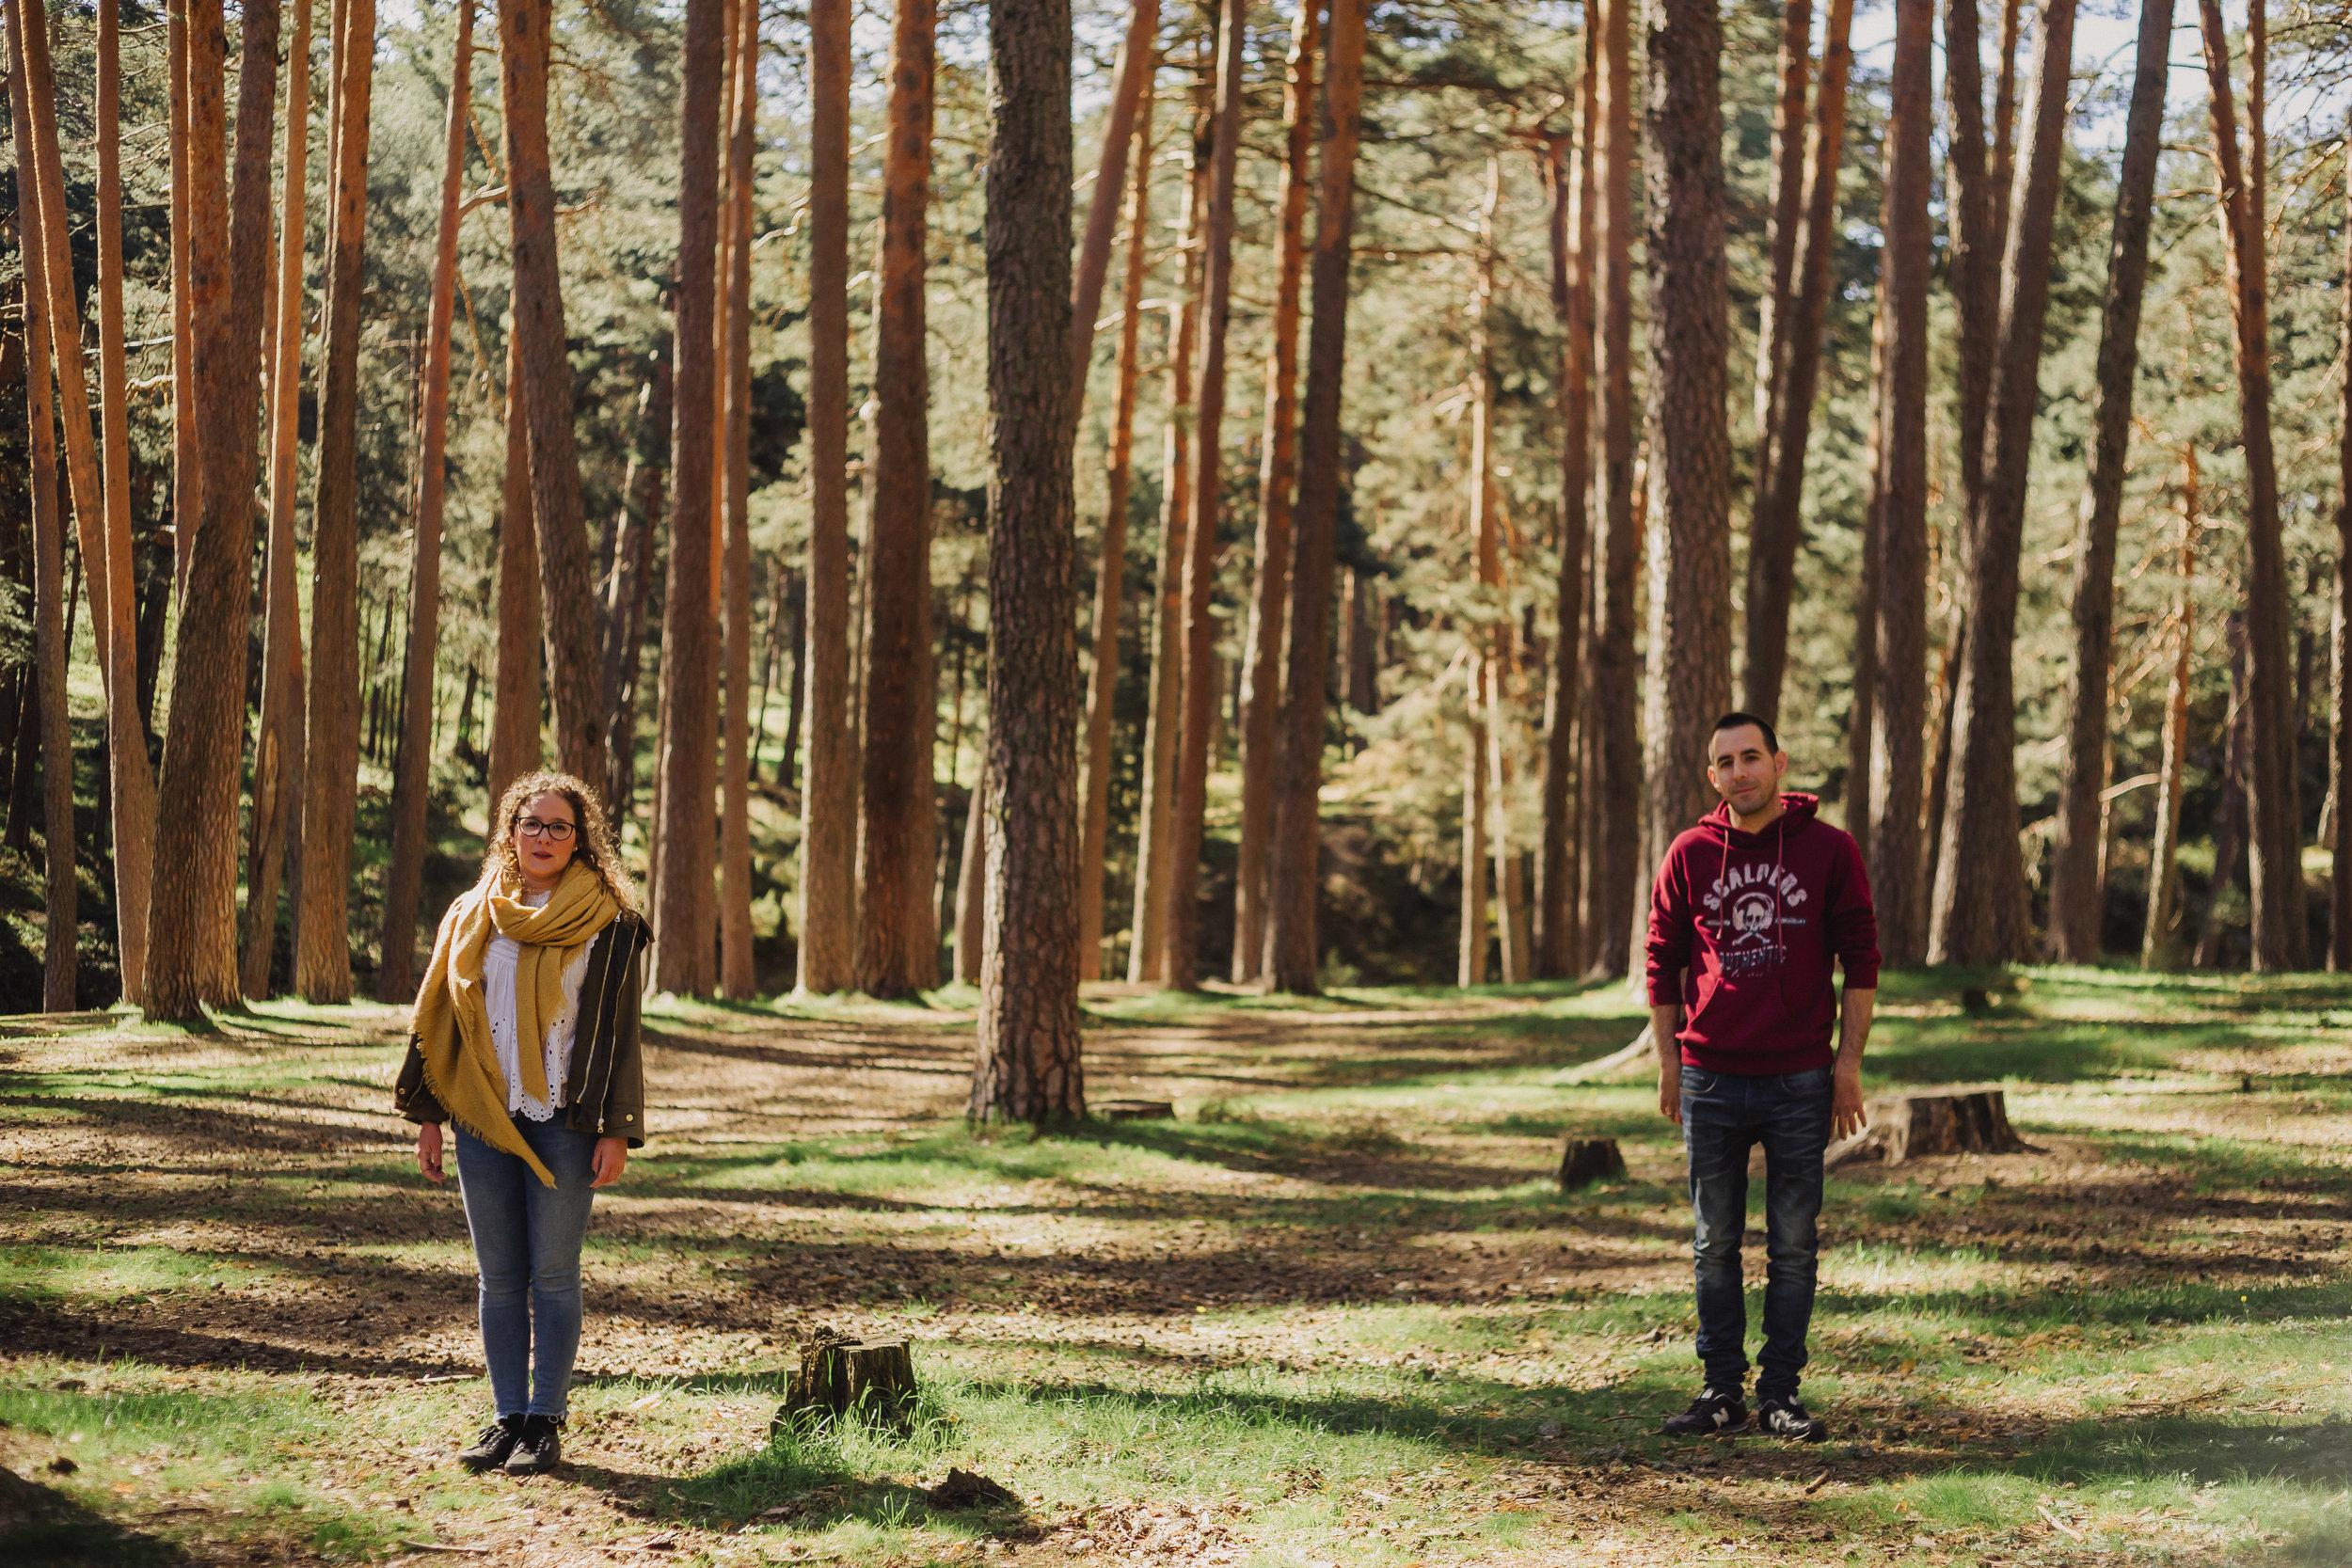 preboda-en- bosque-28.jpg